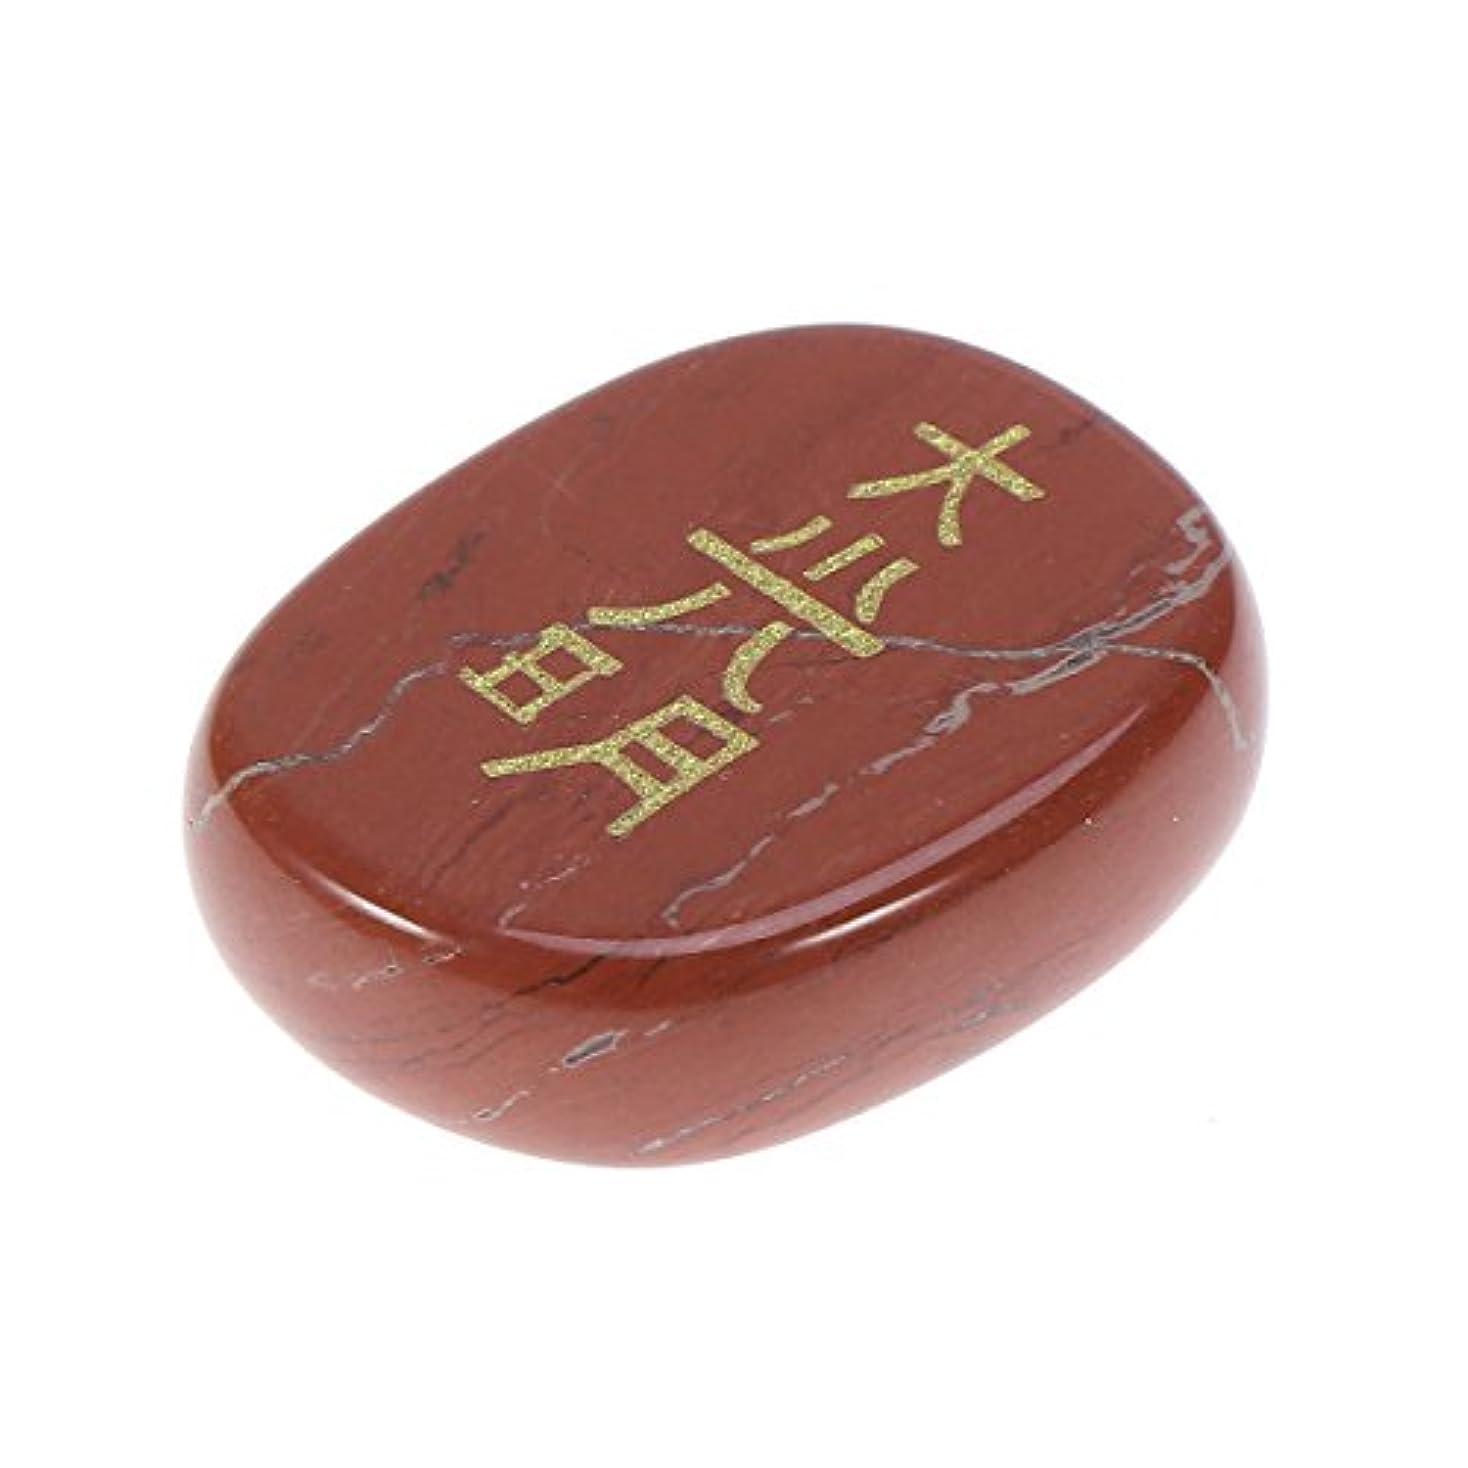 弓許される道Healifty 宗教 石 彫刻 天然 クリスタルストーン エンジェル記号 彫刻 瞑想 (ダークレッド)